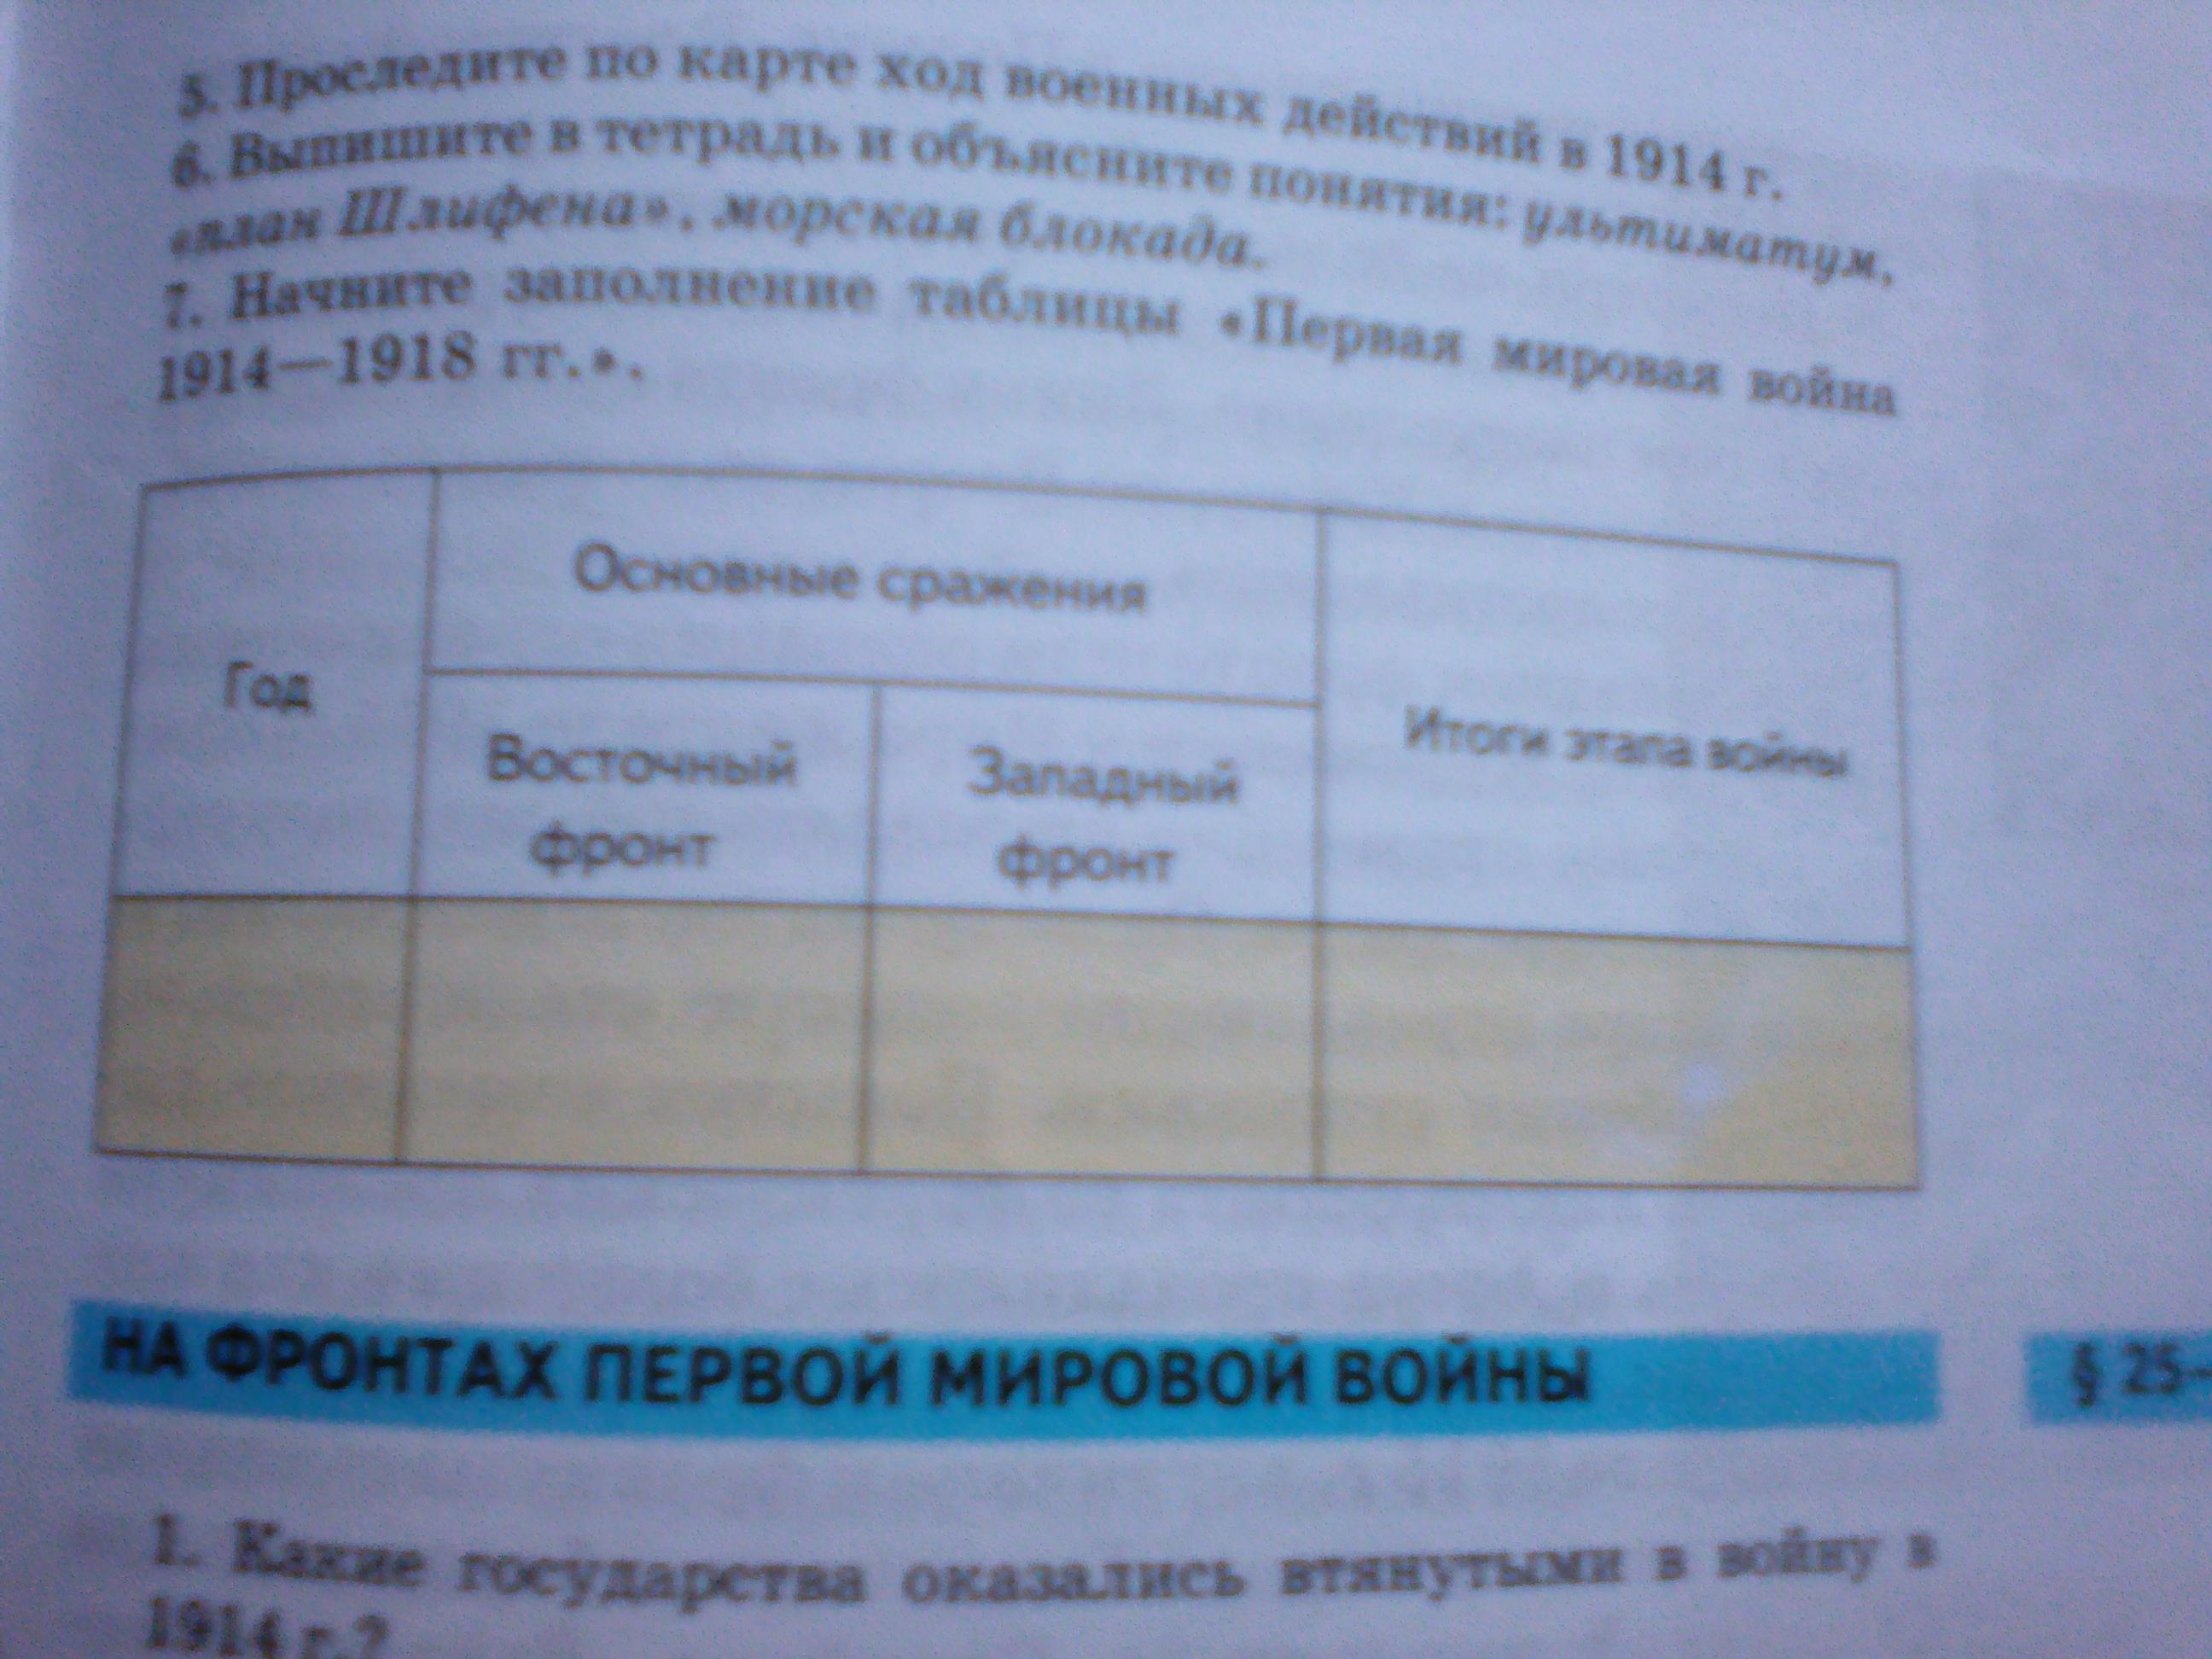 начните заполнение таблицы первая мировая война 1914-1918 гг